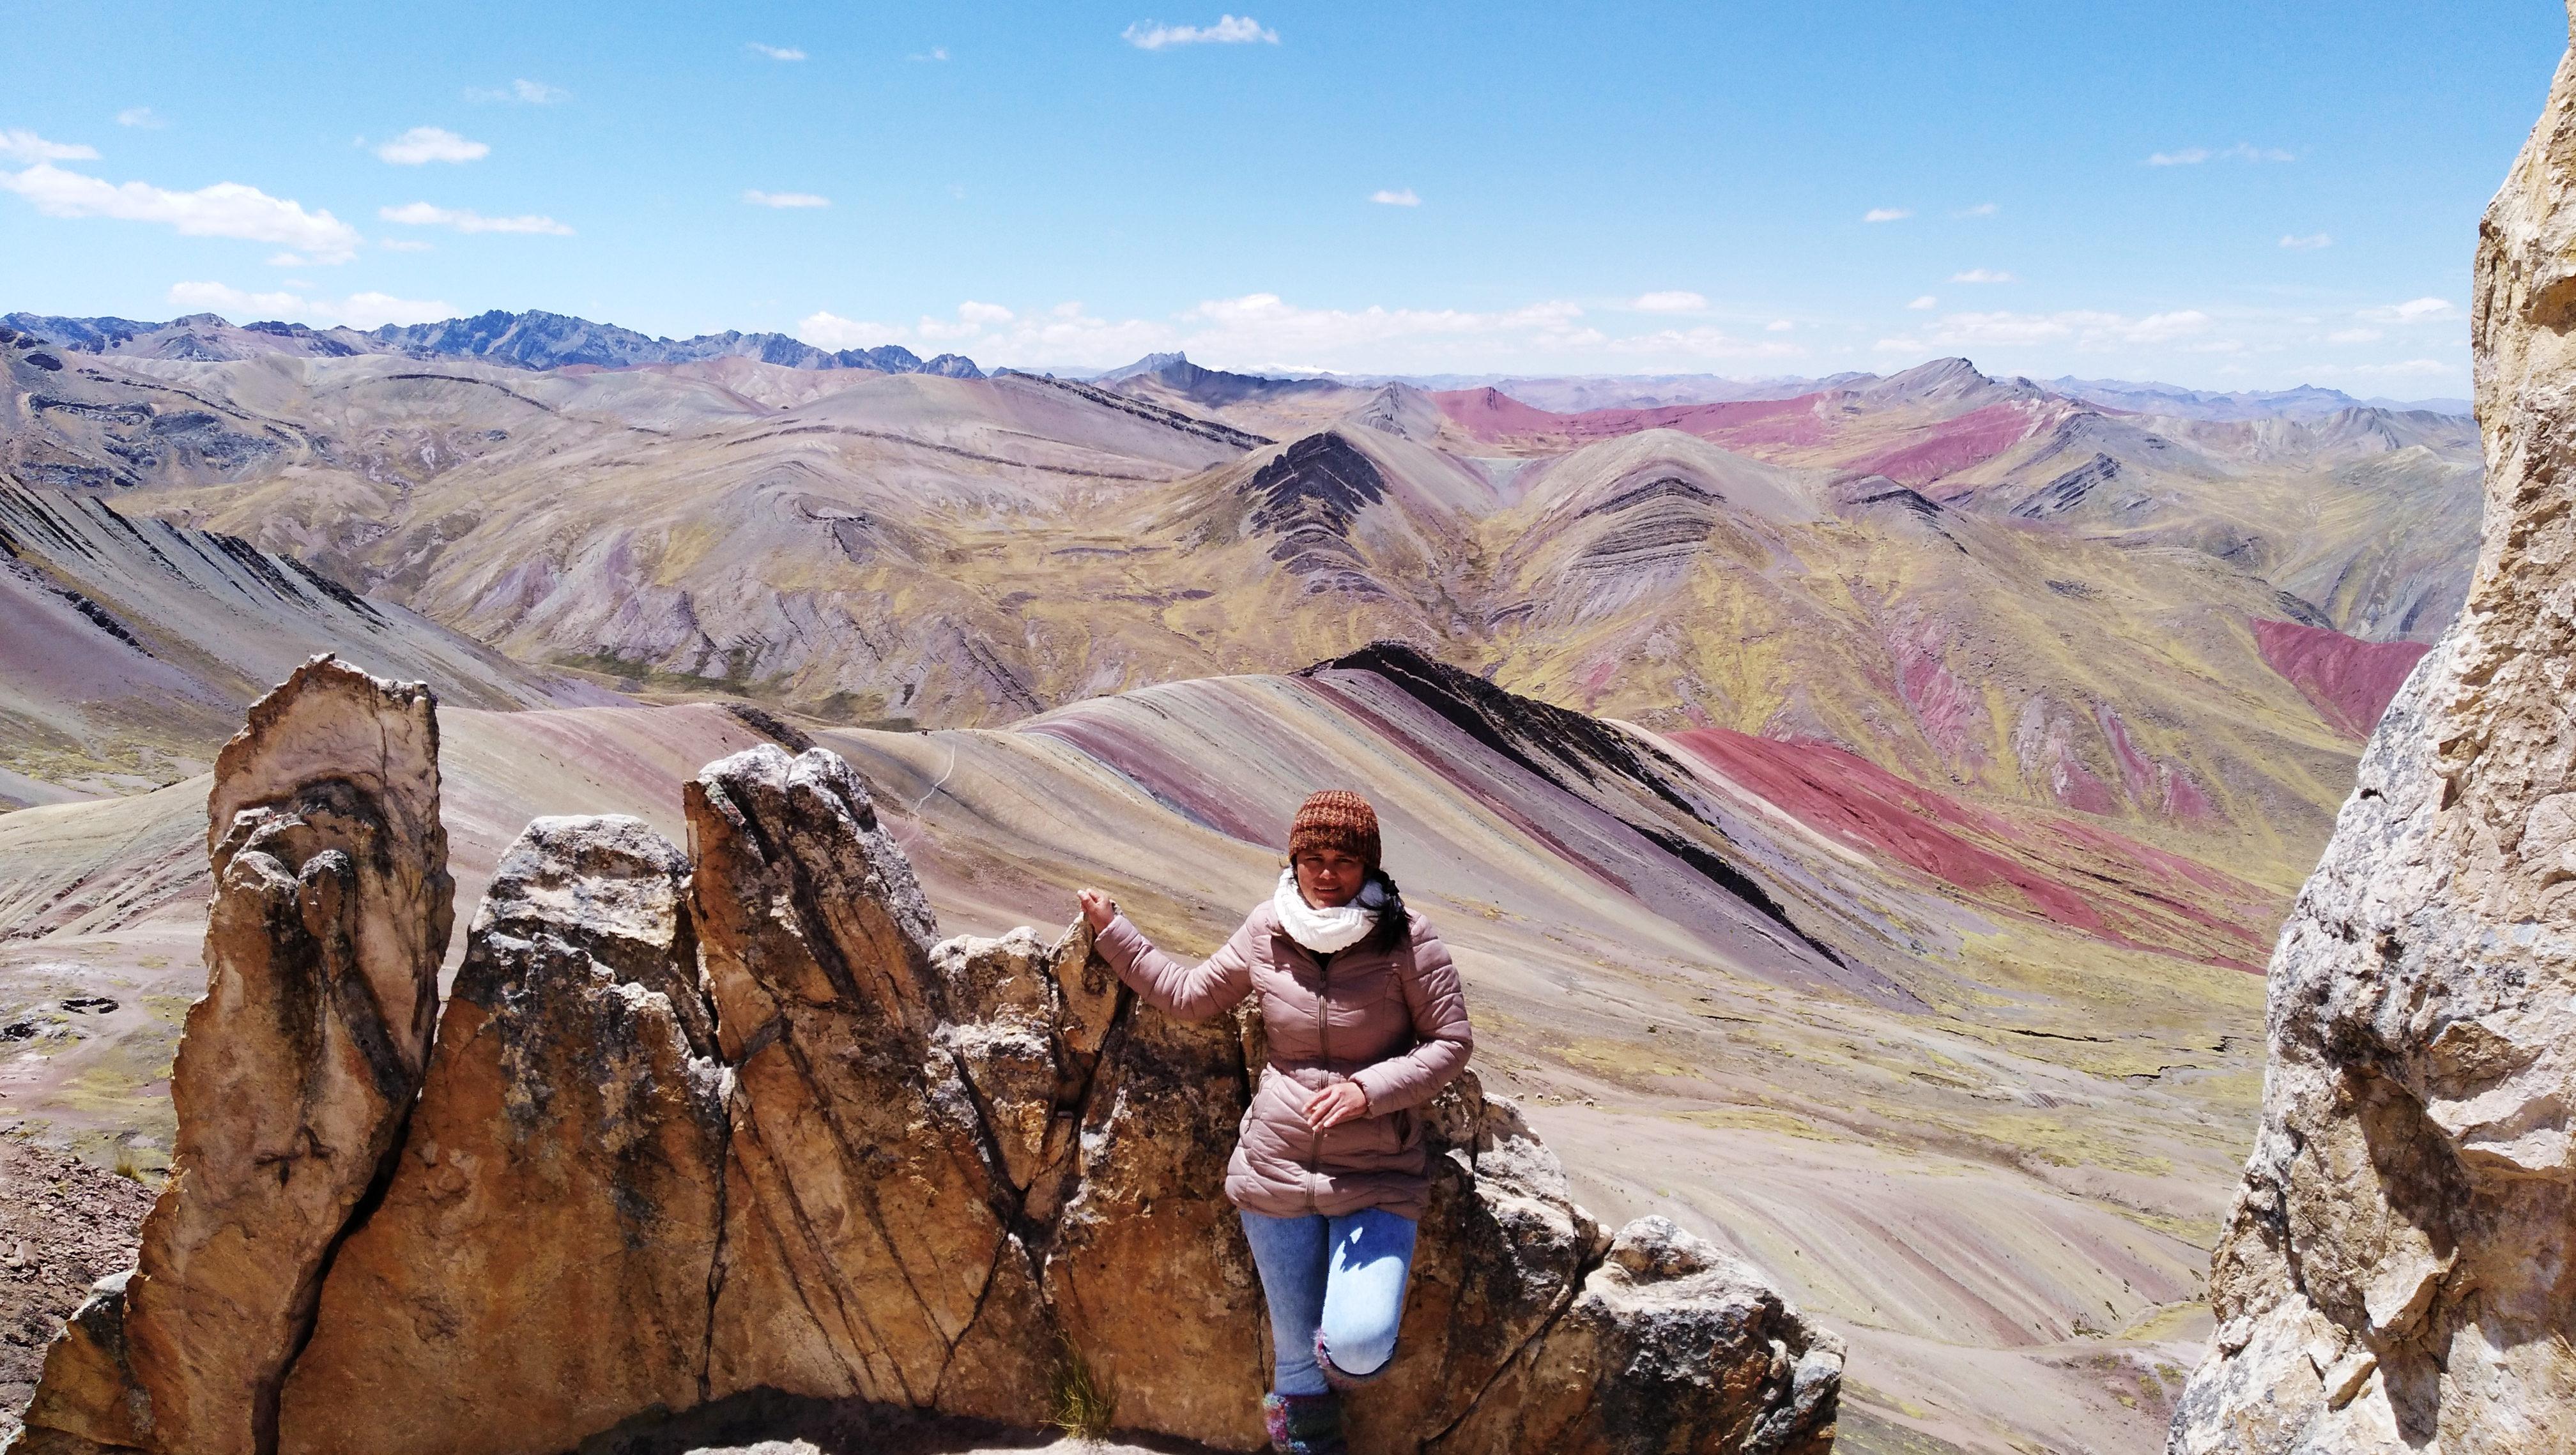 Palcoyo Montaña de Colores1D